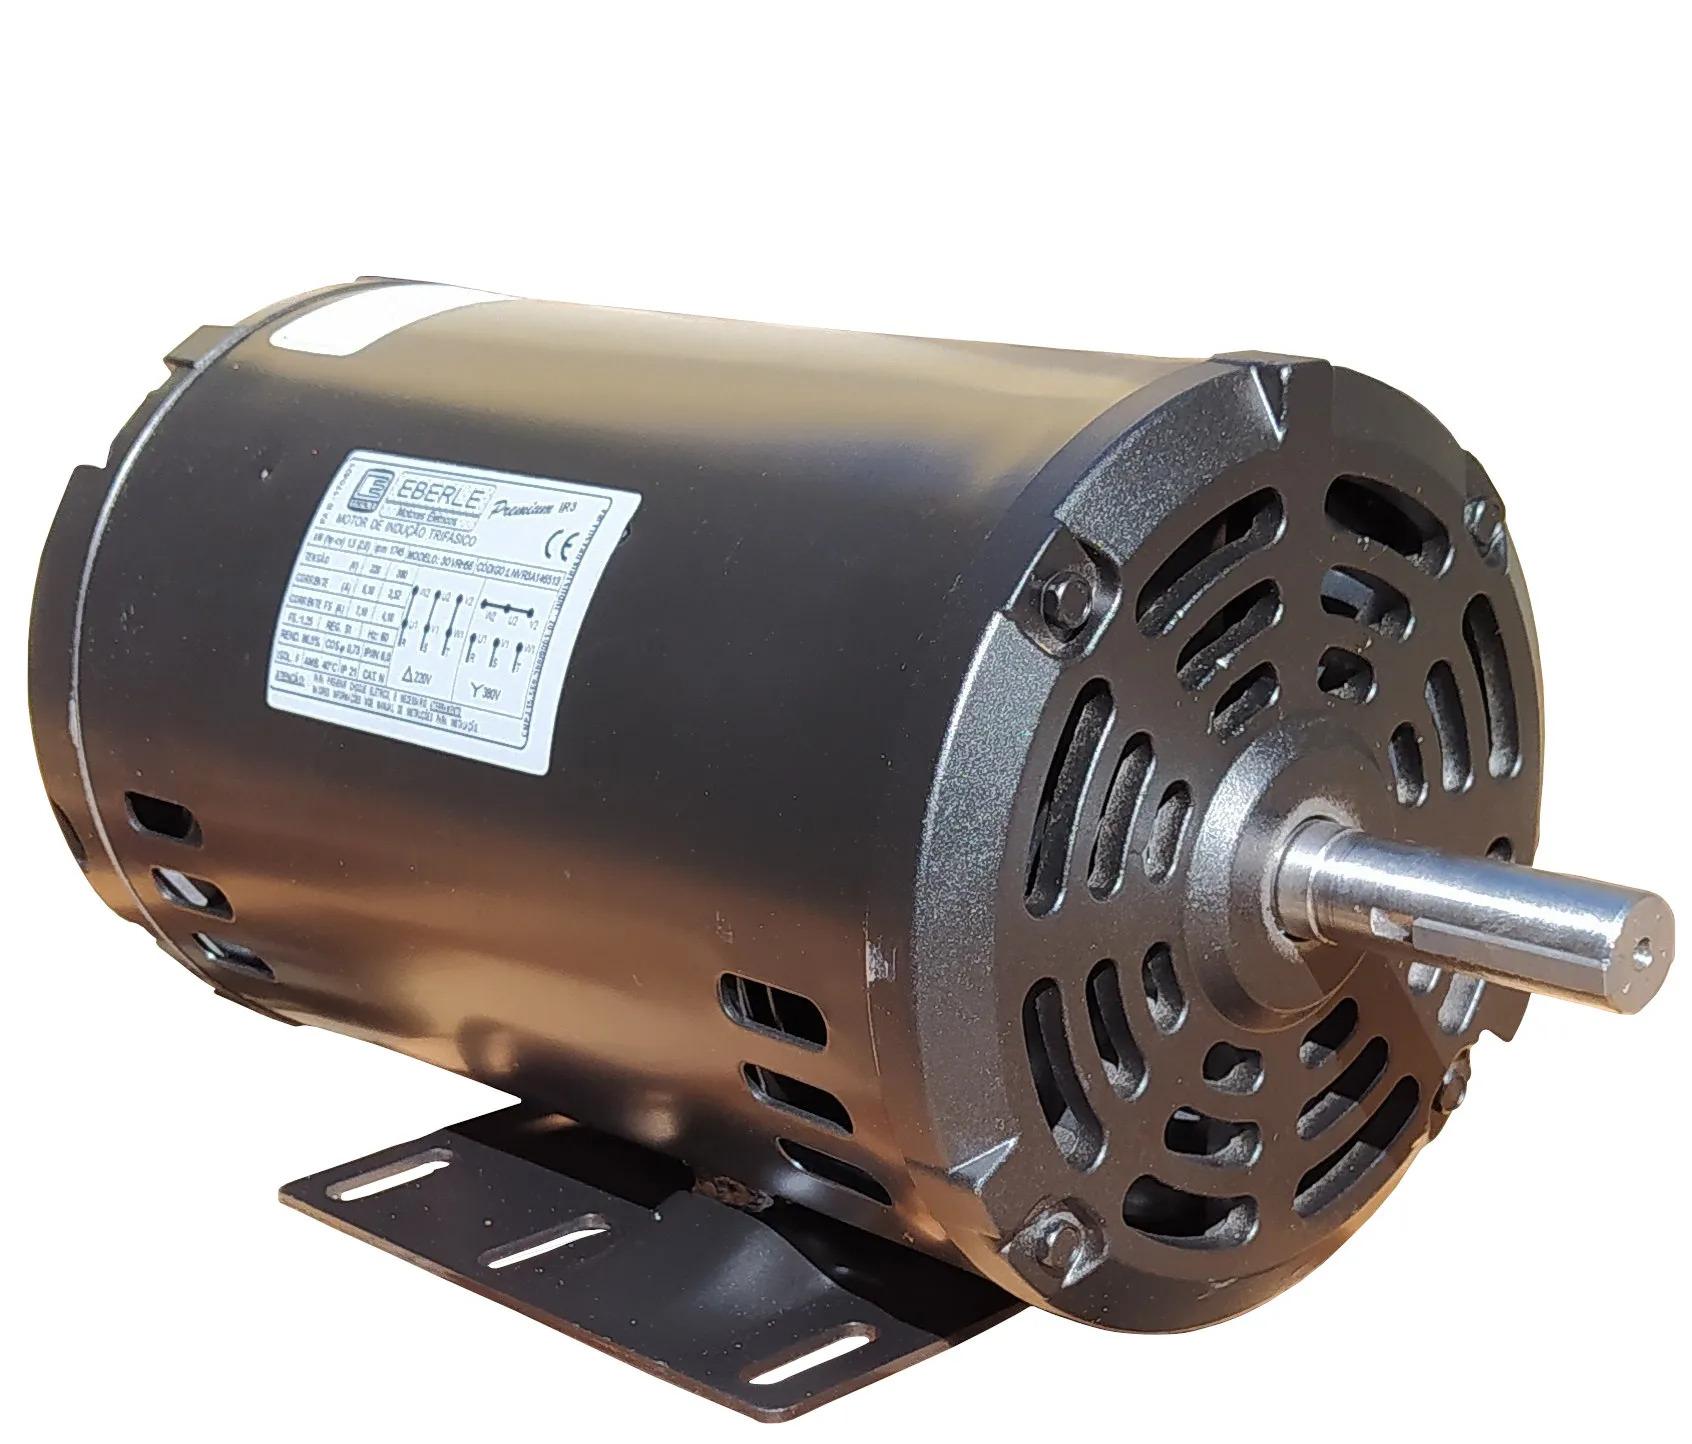 Motor Elétrico Trifásico 1cv 2 Polos Alta Rotação 220/380v Aberto IP21 Eberle Mercosul N56